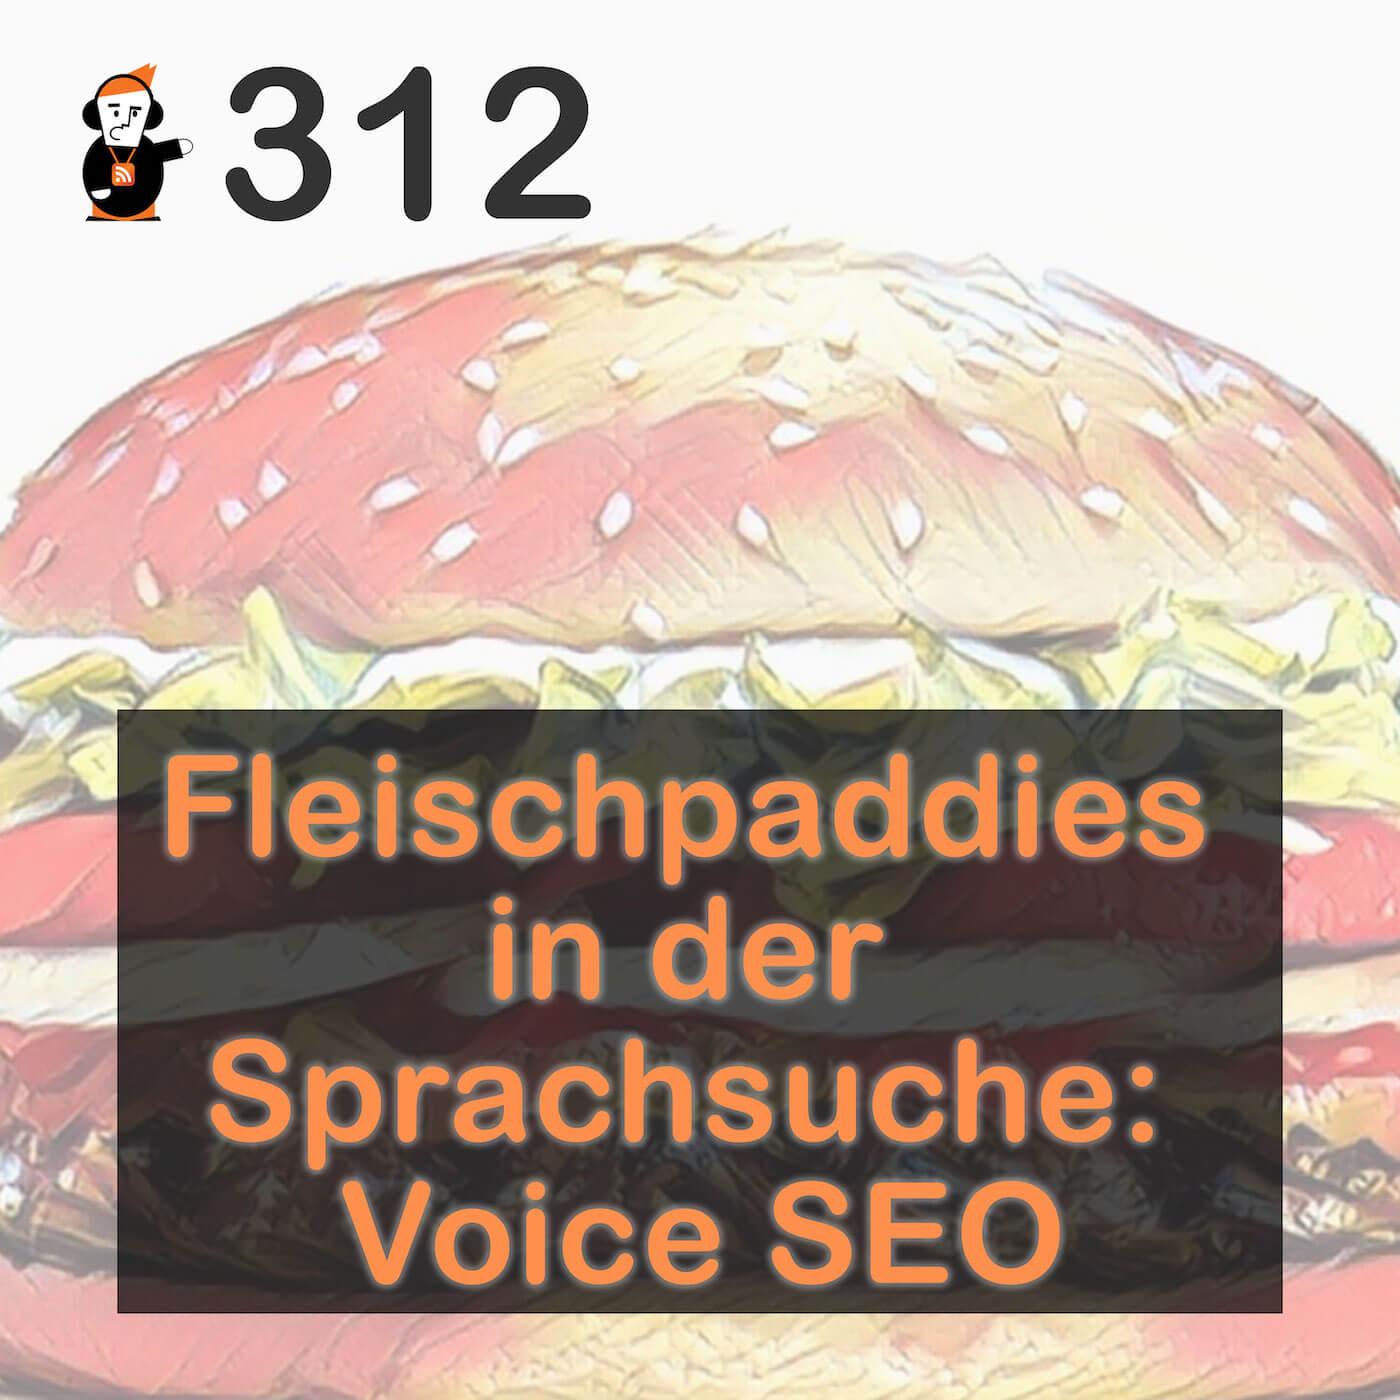 Blick 312 auf Voice SEO: Fleischpaddies in der Sprachsuche